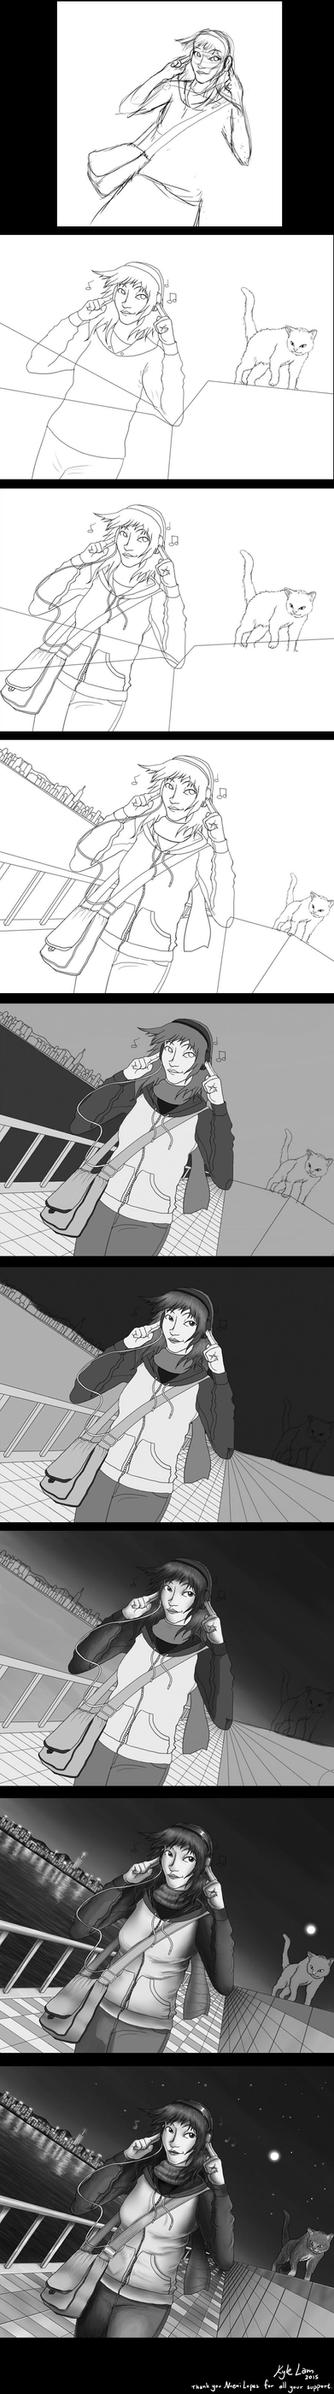 Summer Stroll (Progression) by DC-KMOS